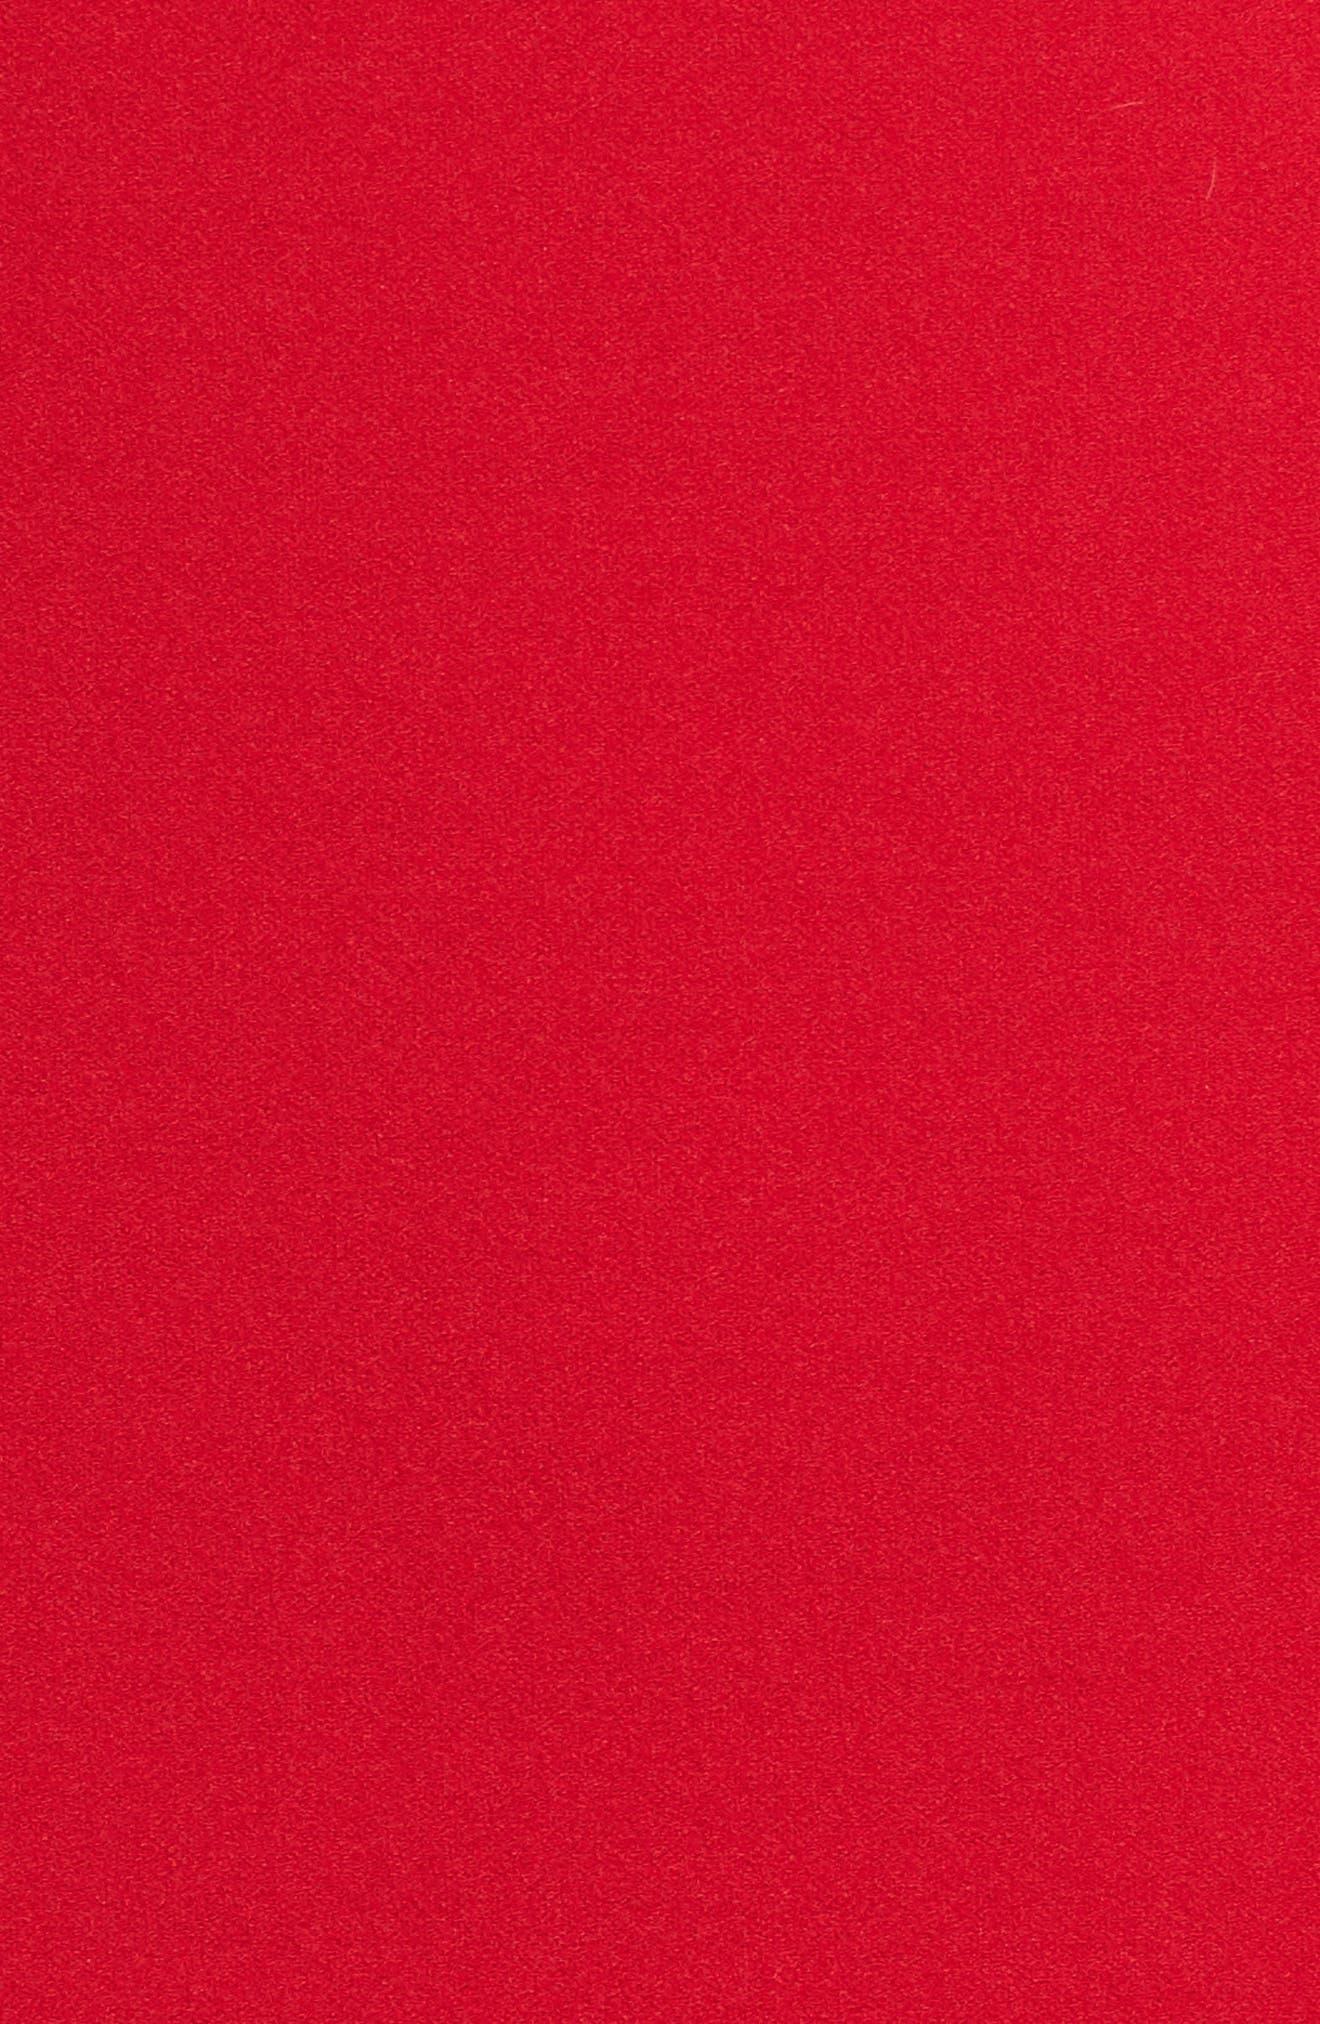 Cold Shoulder Bell Sleeve Dress,                             Alternate thumbnail 6, color,                             614